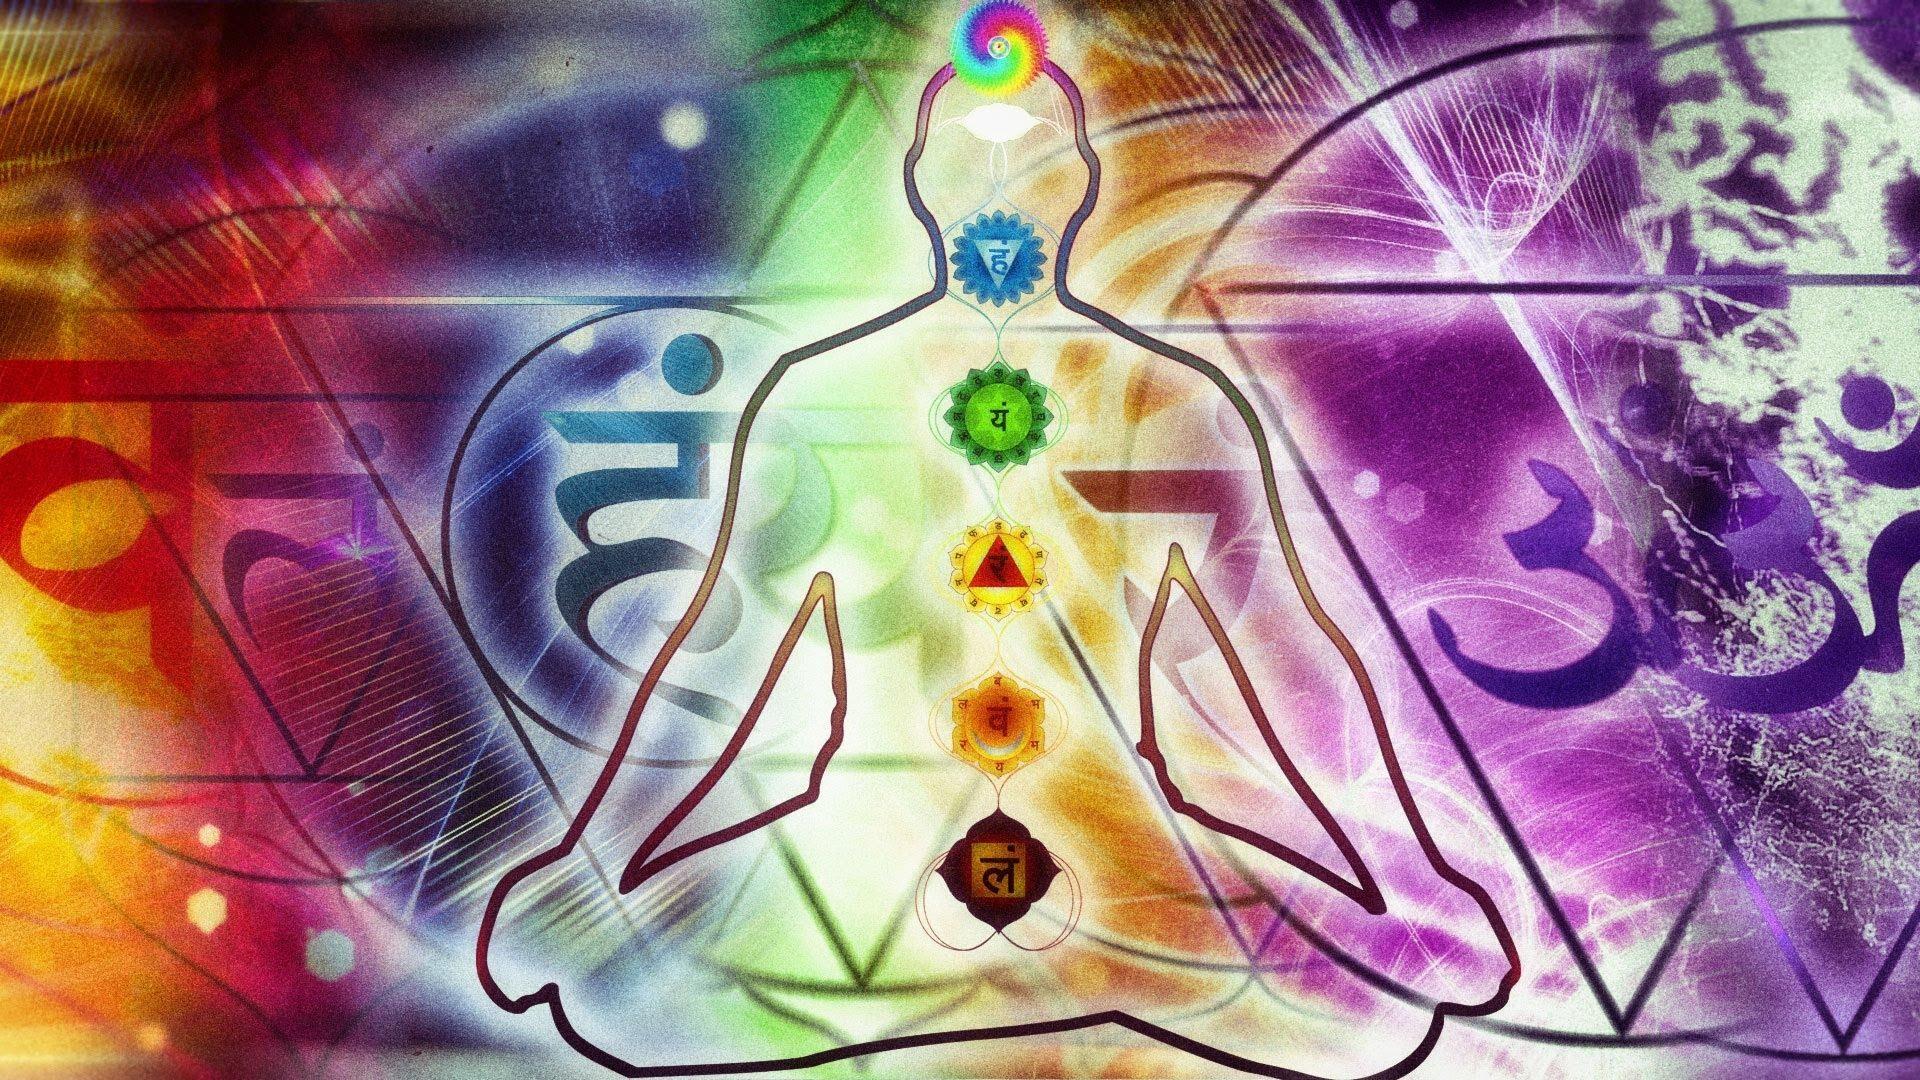 Reiki Energy Healers by Vineet Jain